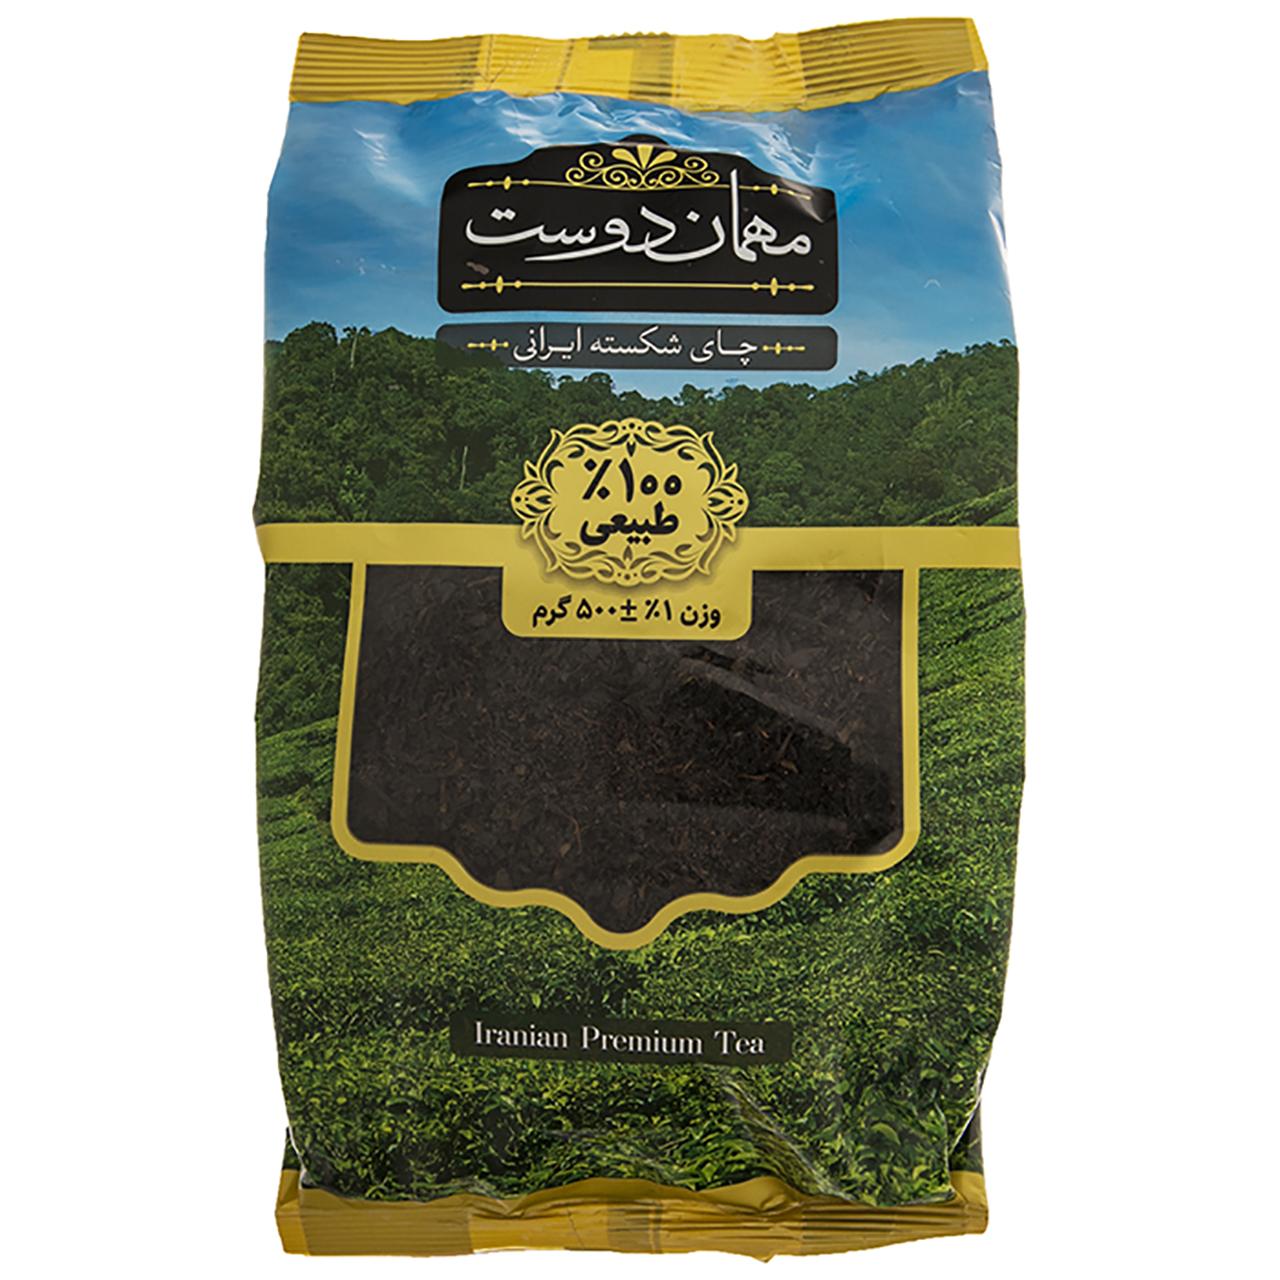 چای شکسته ایرانی مهمان دوست مقدار 500 گرم